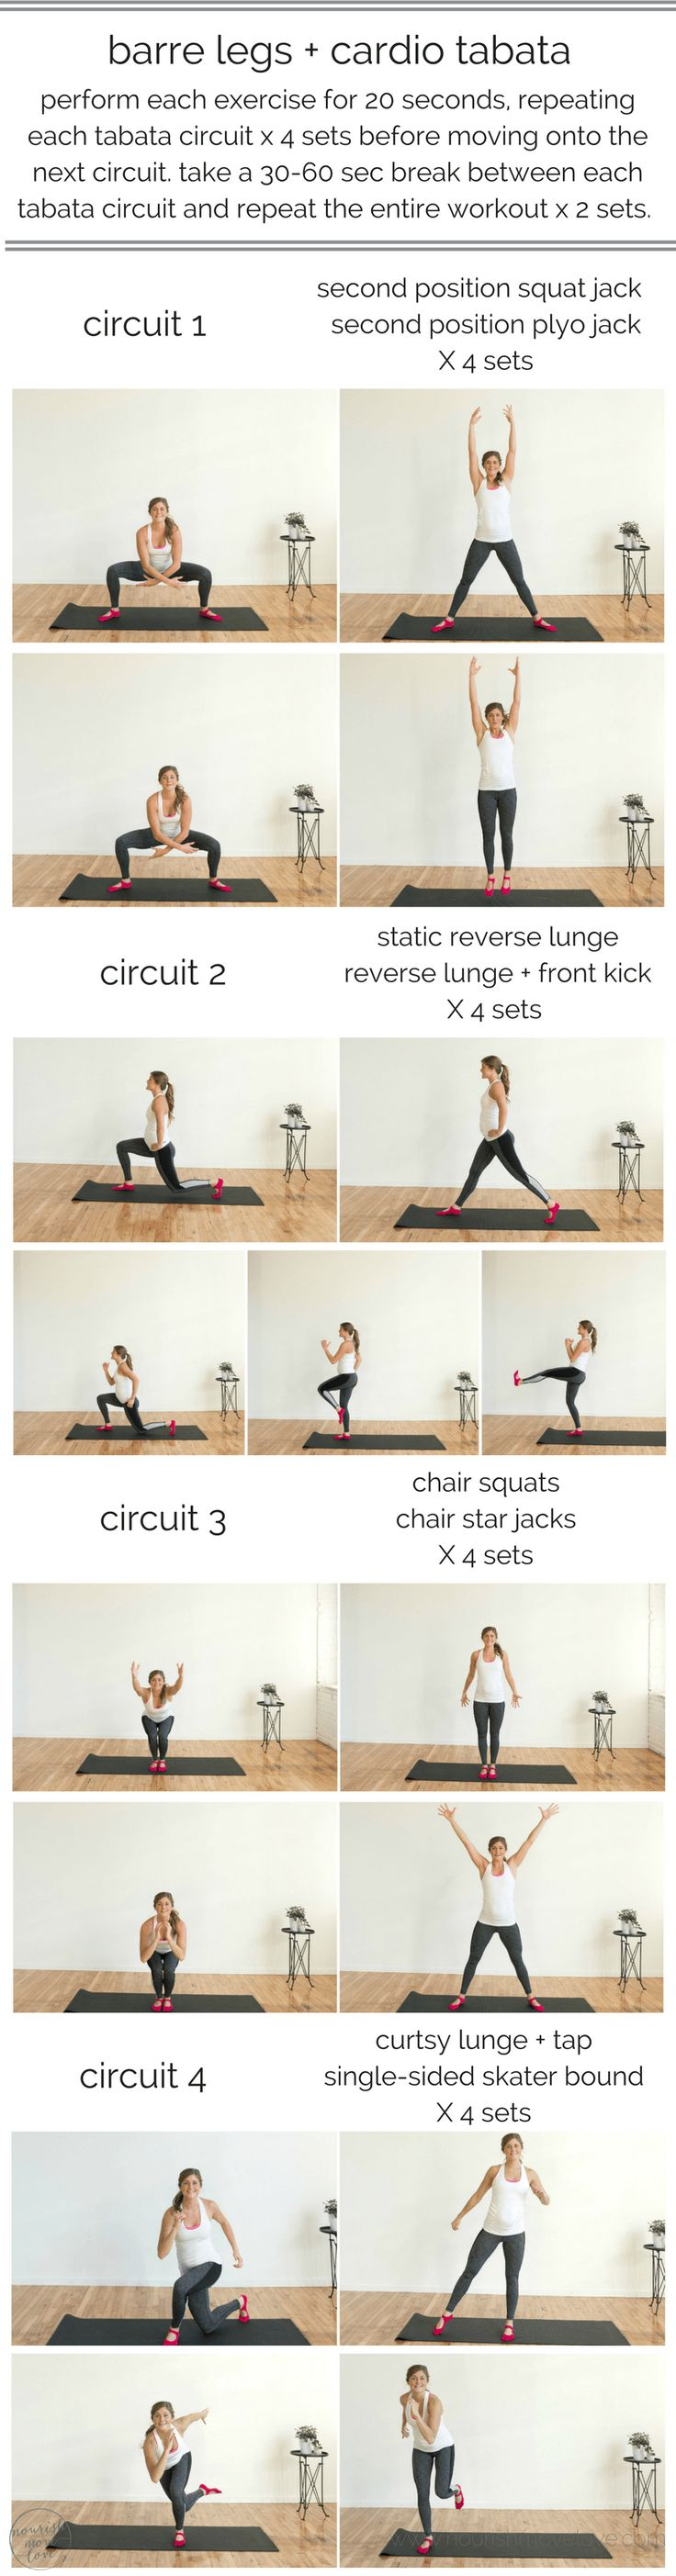 Best 25 Barre workout ideas on Pinterest